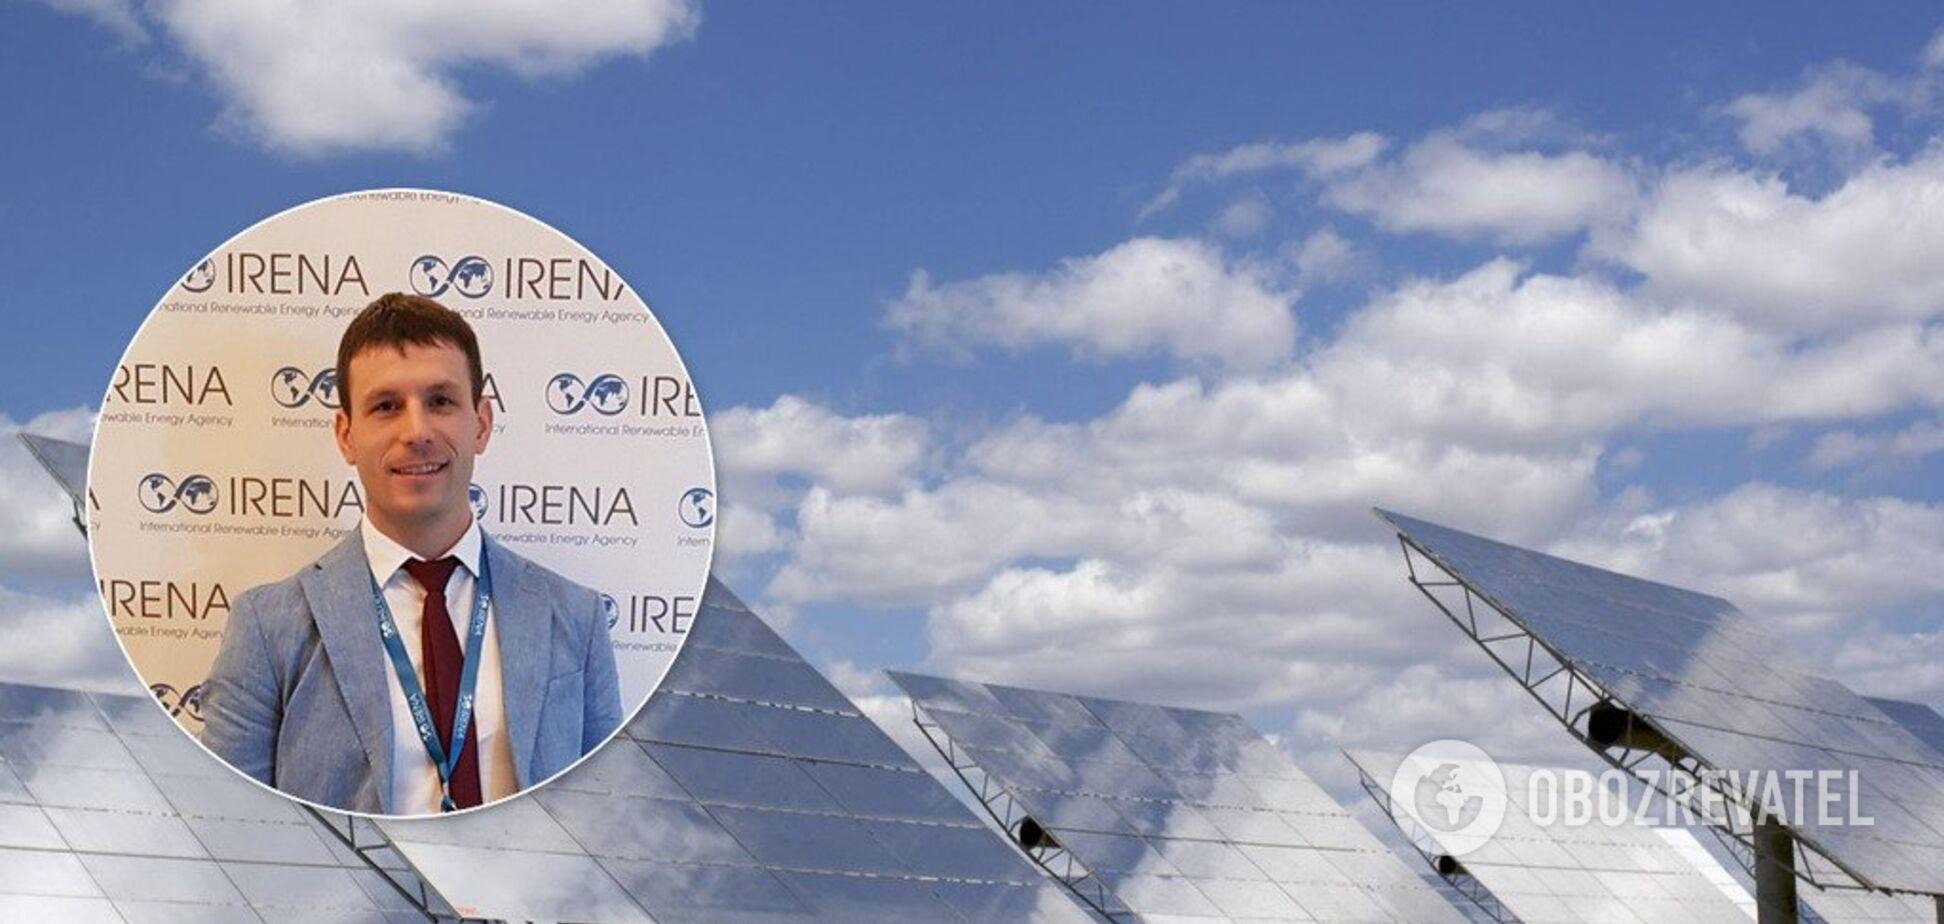 Знизити ціну на світло в два рази: Україні допоможуть із запуском 'зелених' аукціонів